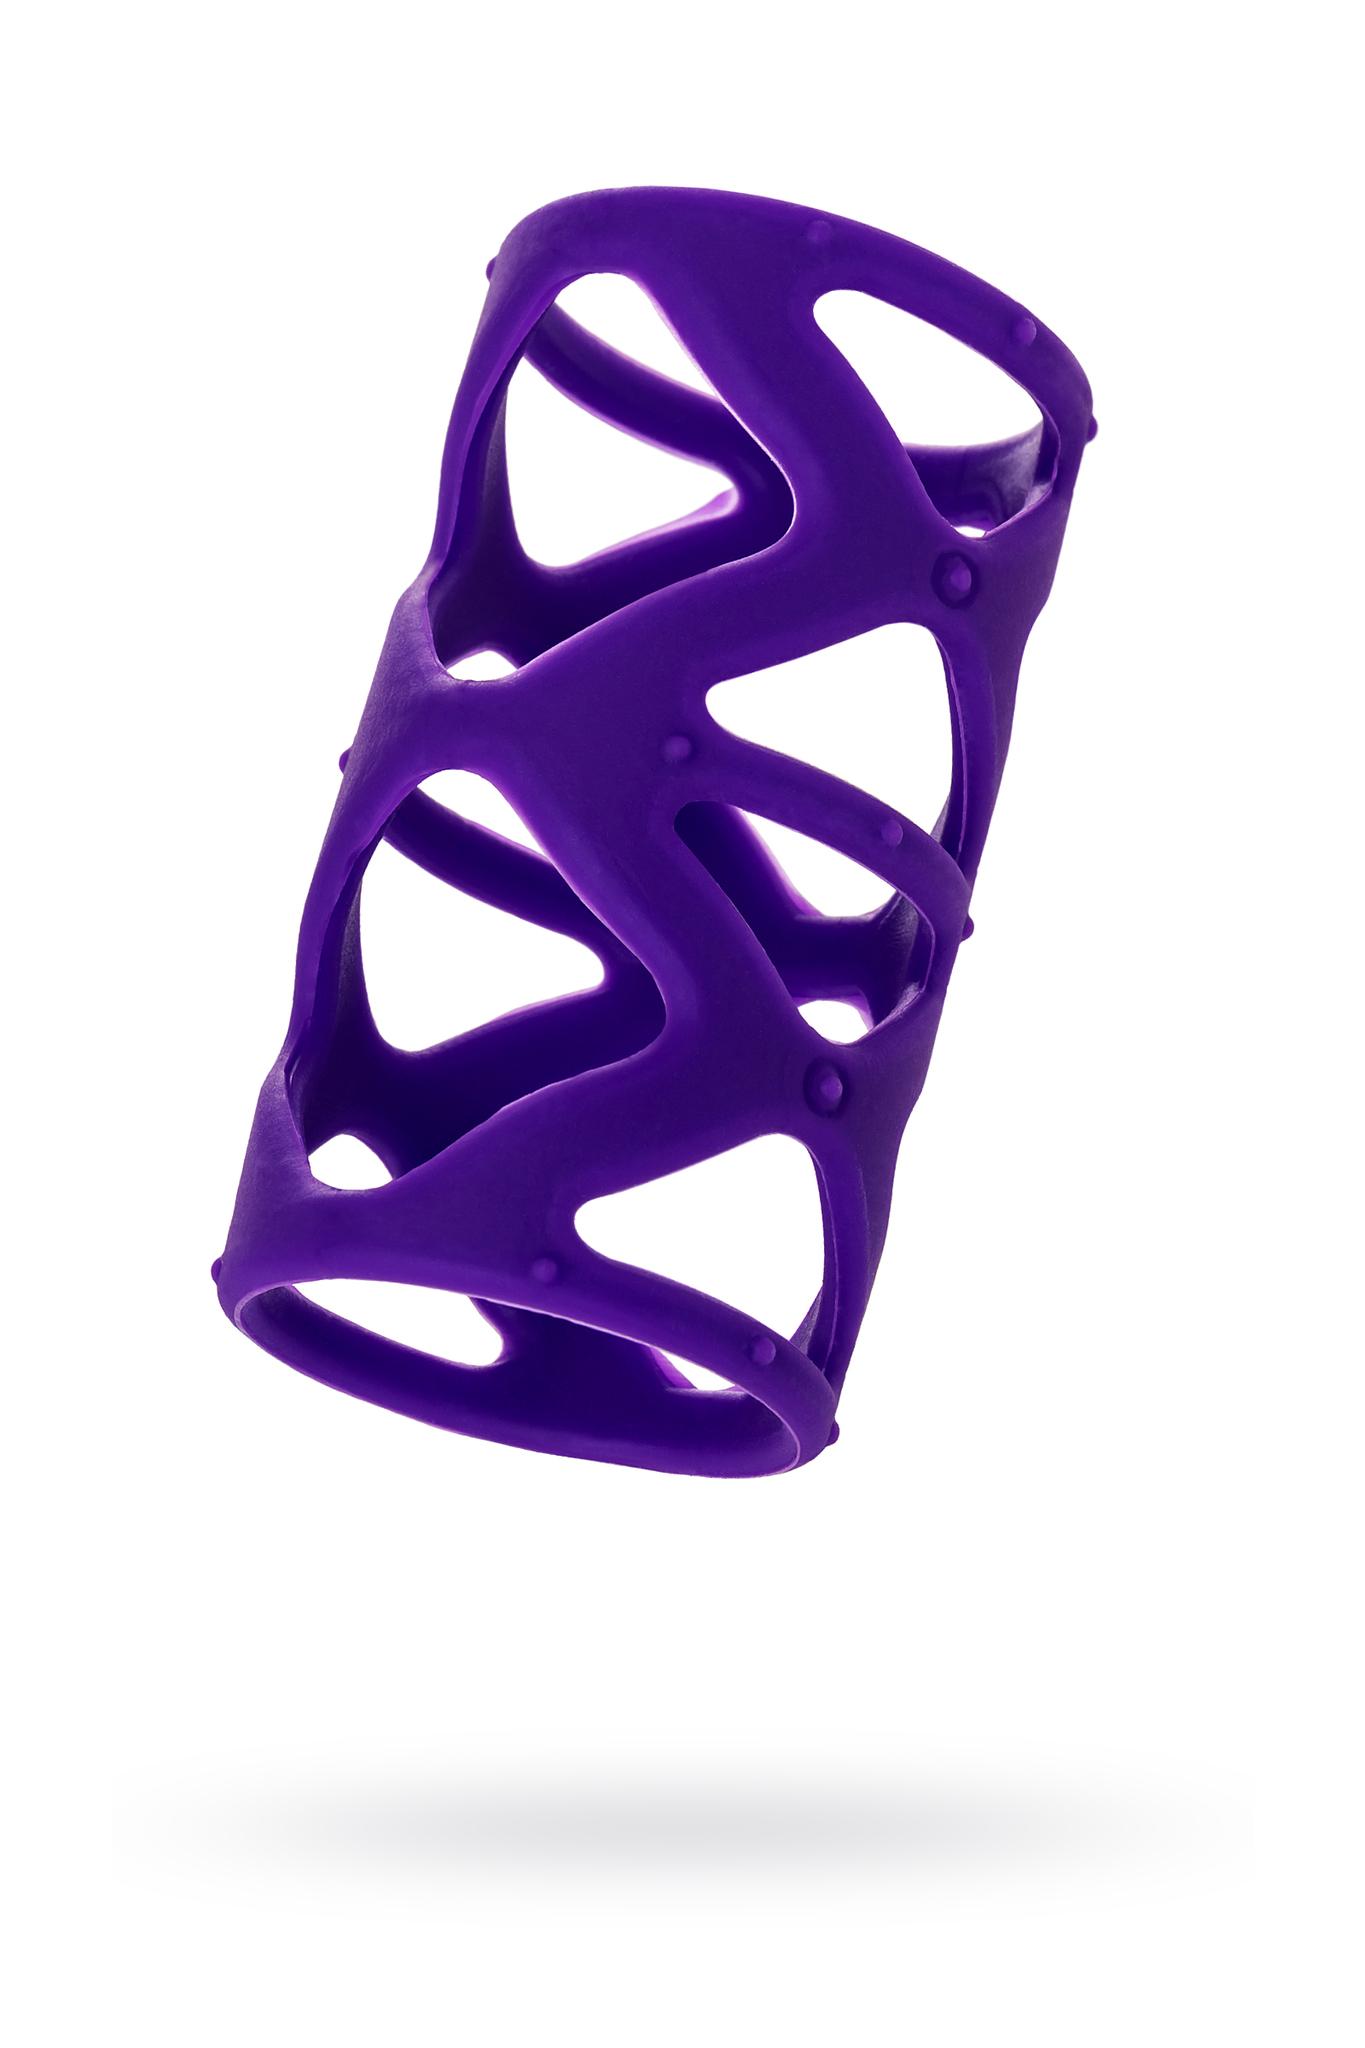 Насадка на пенис TOYFA A-Toys  , Силикон, Фиолетовый, 7,5 см фото